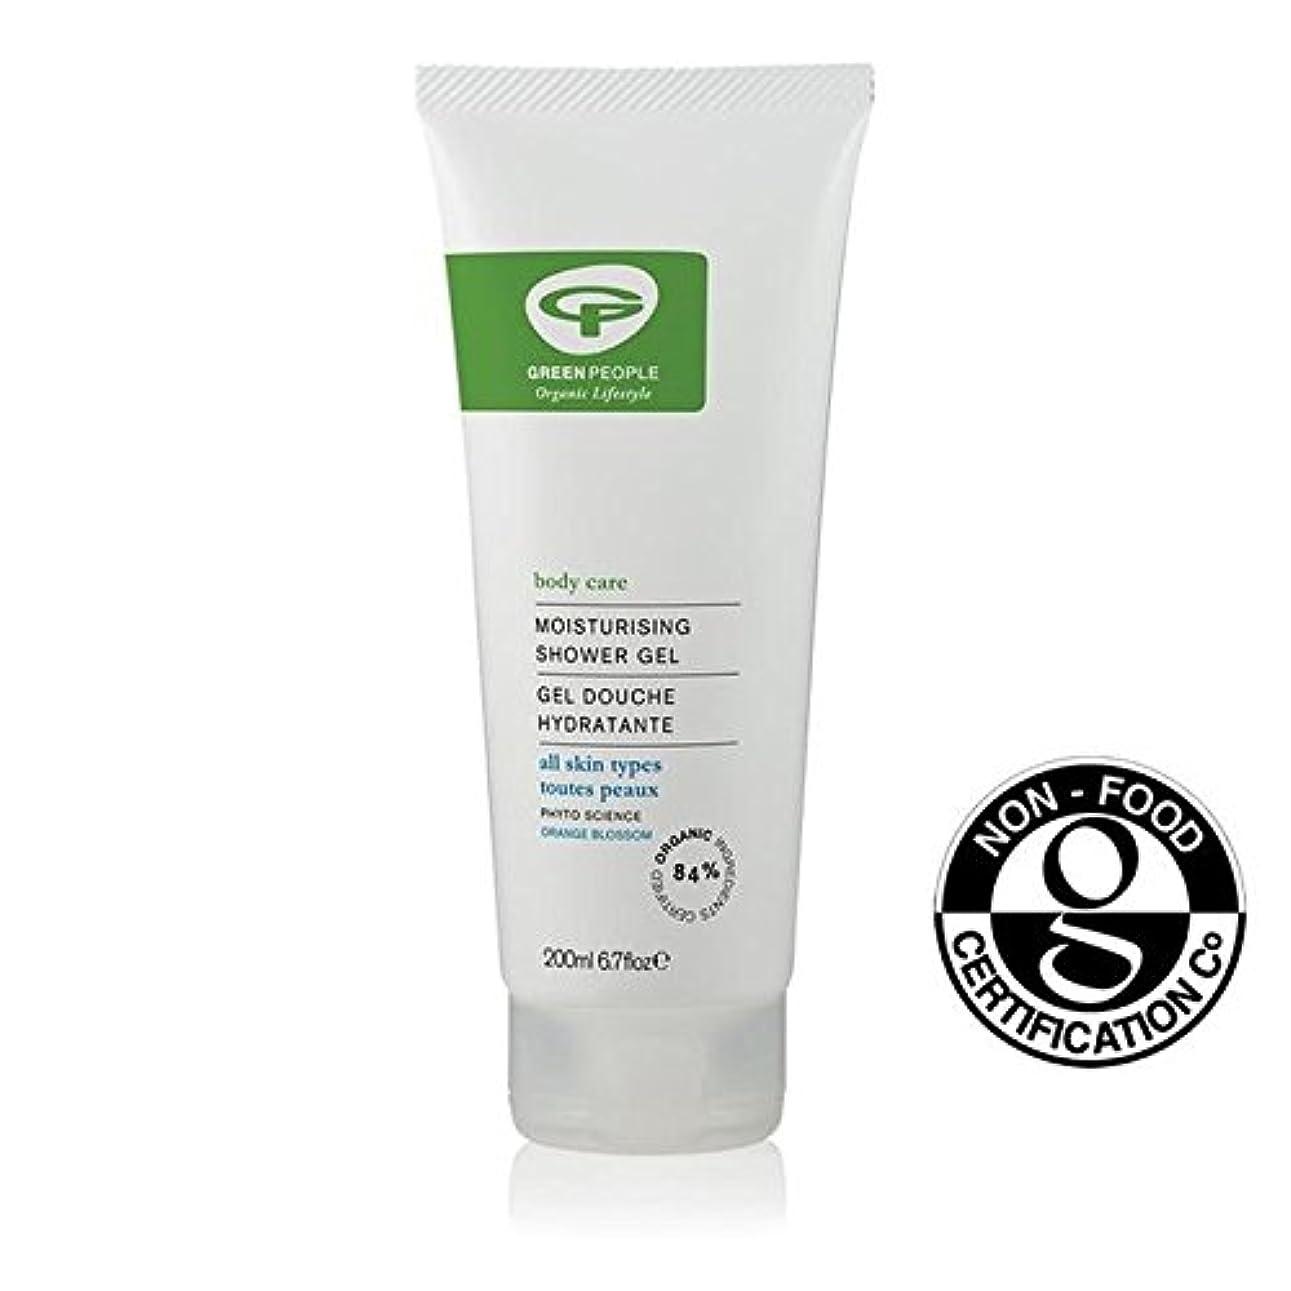 嫌がるロードされたつぼみ緑の人々の有機保湿シャワージェル200 x4 - Green People Organic Moisturising Shower Gel 200ml (Pack of 4) [並行輸入品]